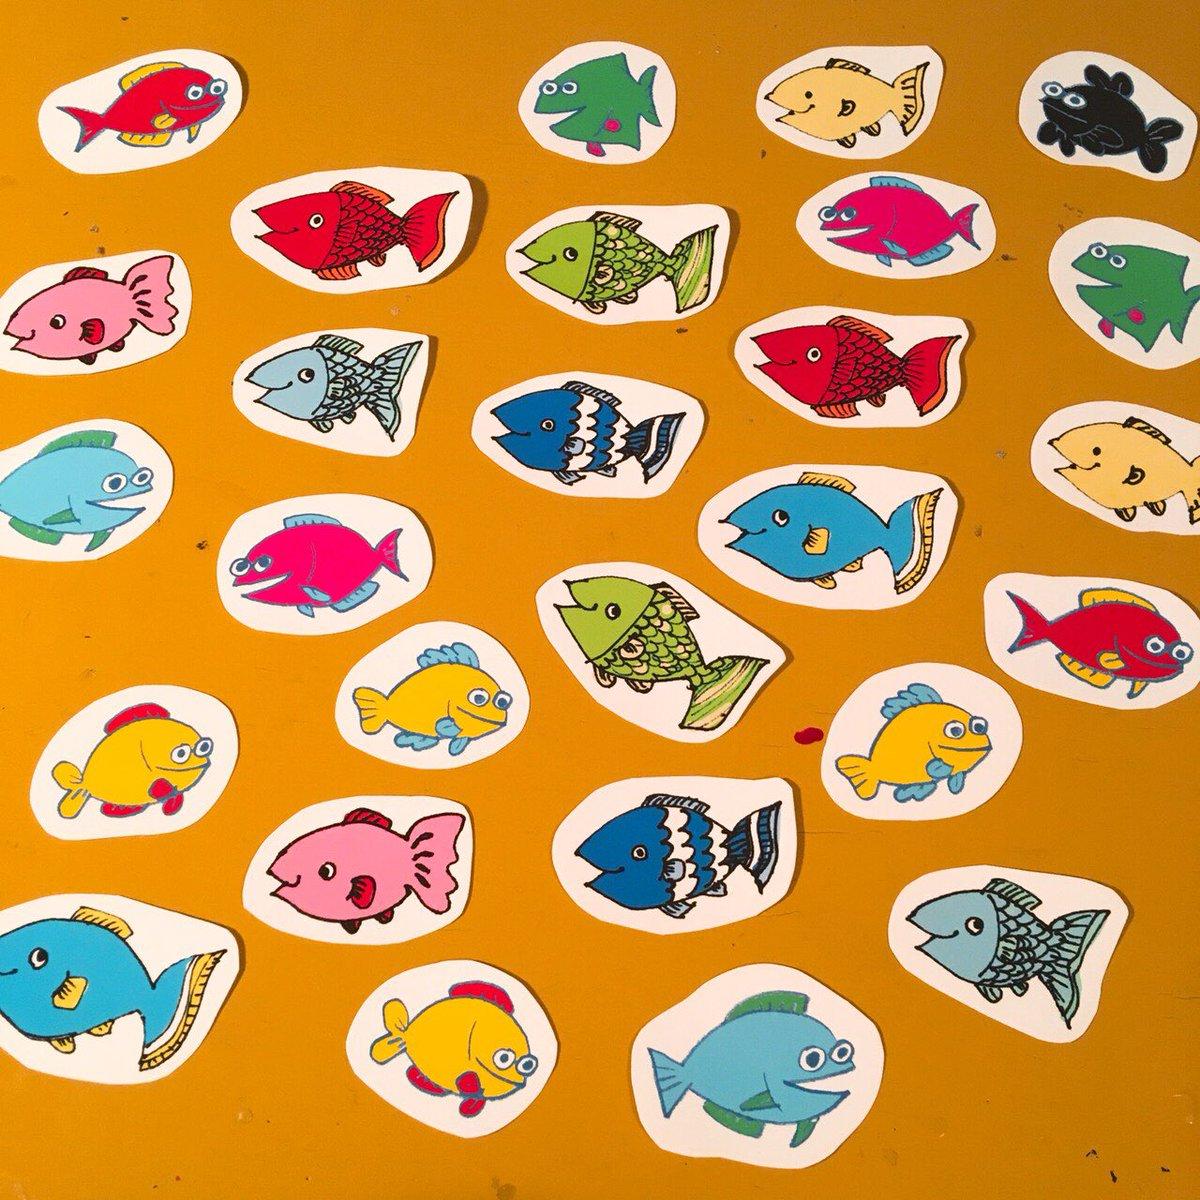 ツチヤヒトミ On Twitter イジャ At Ijm のお魚のイラストと私のお